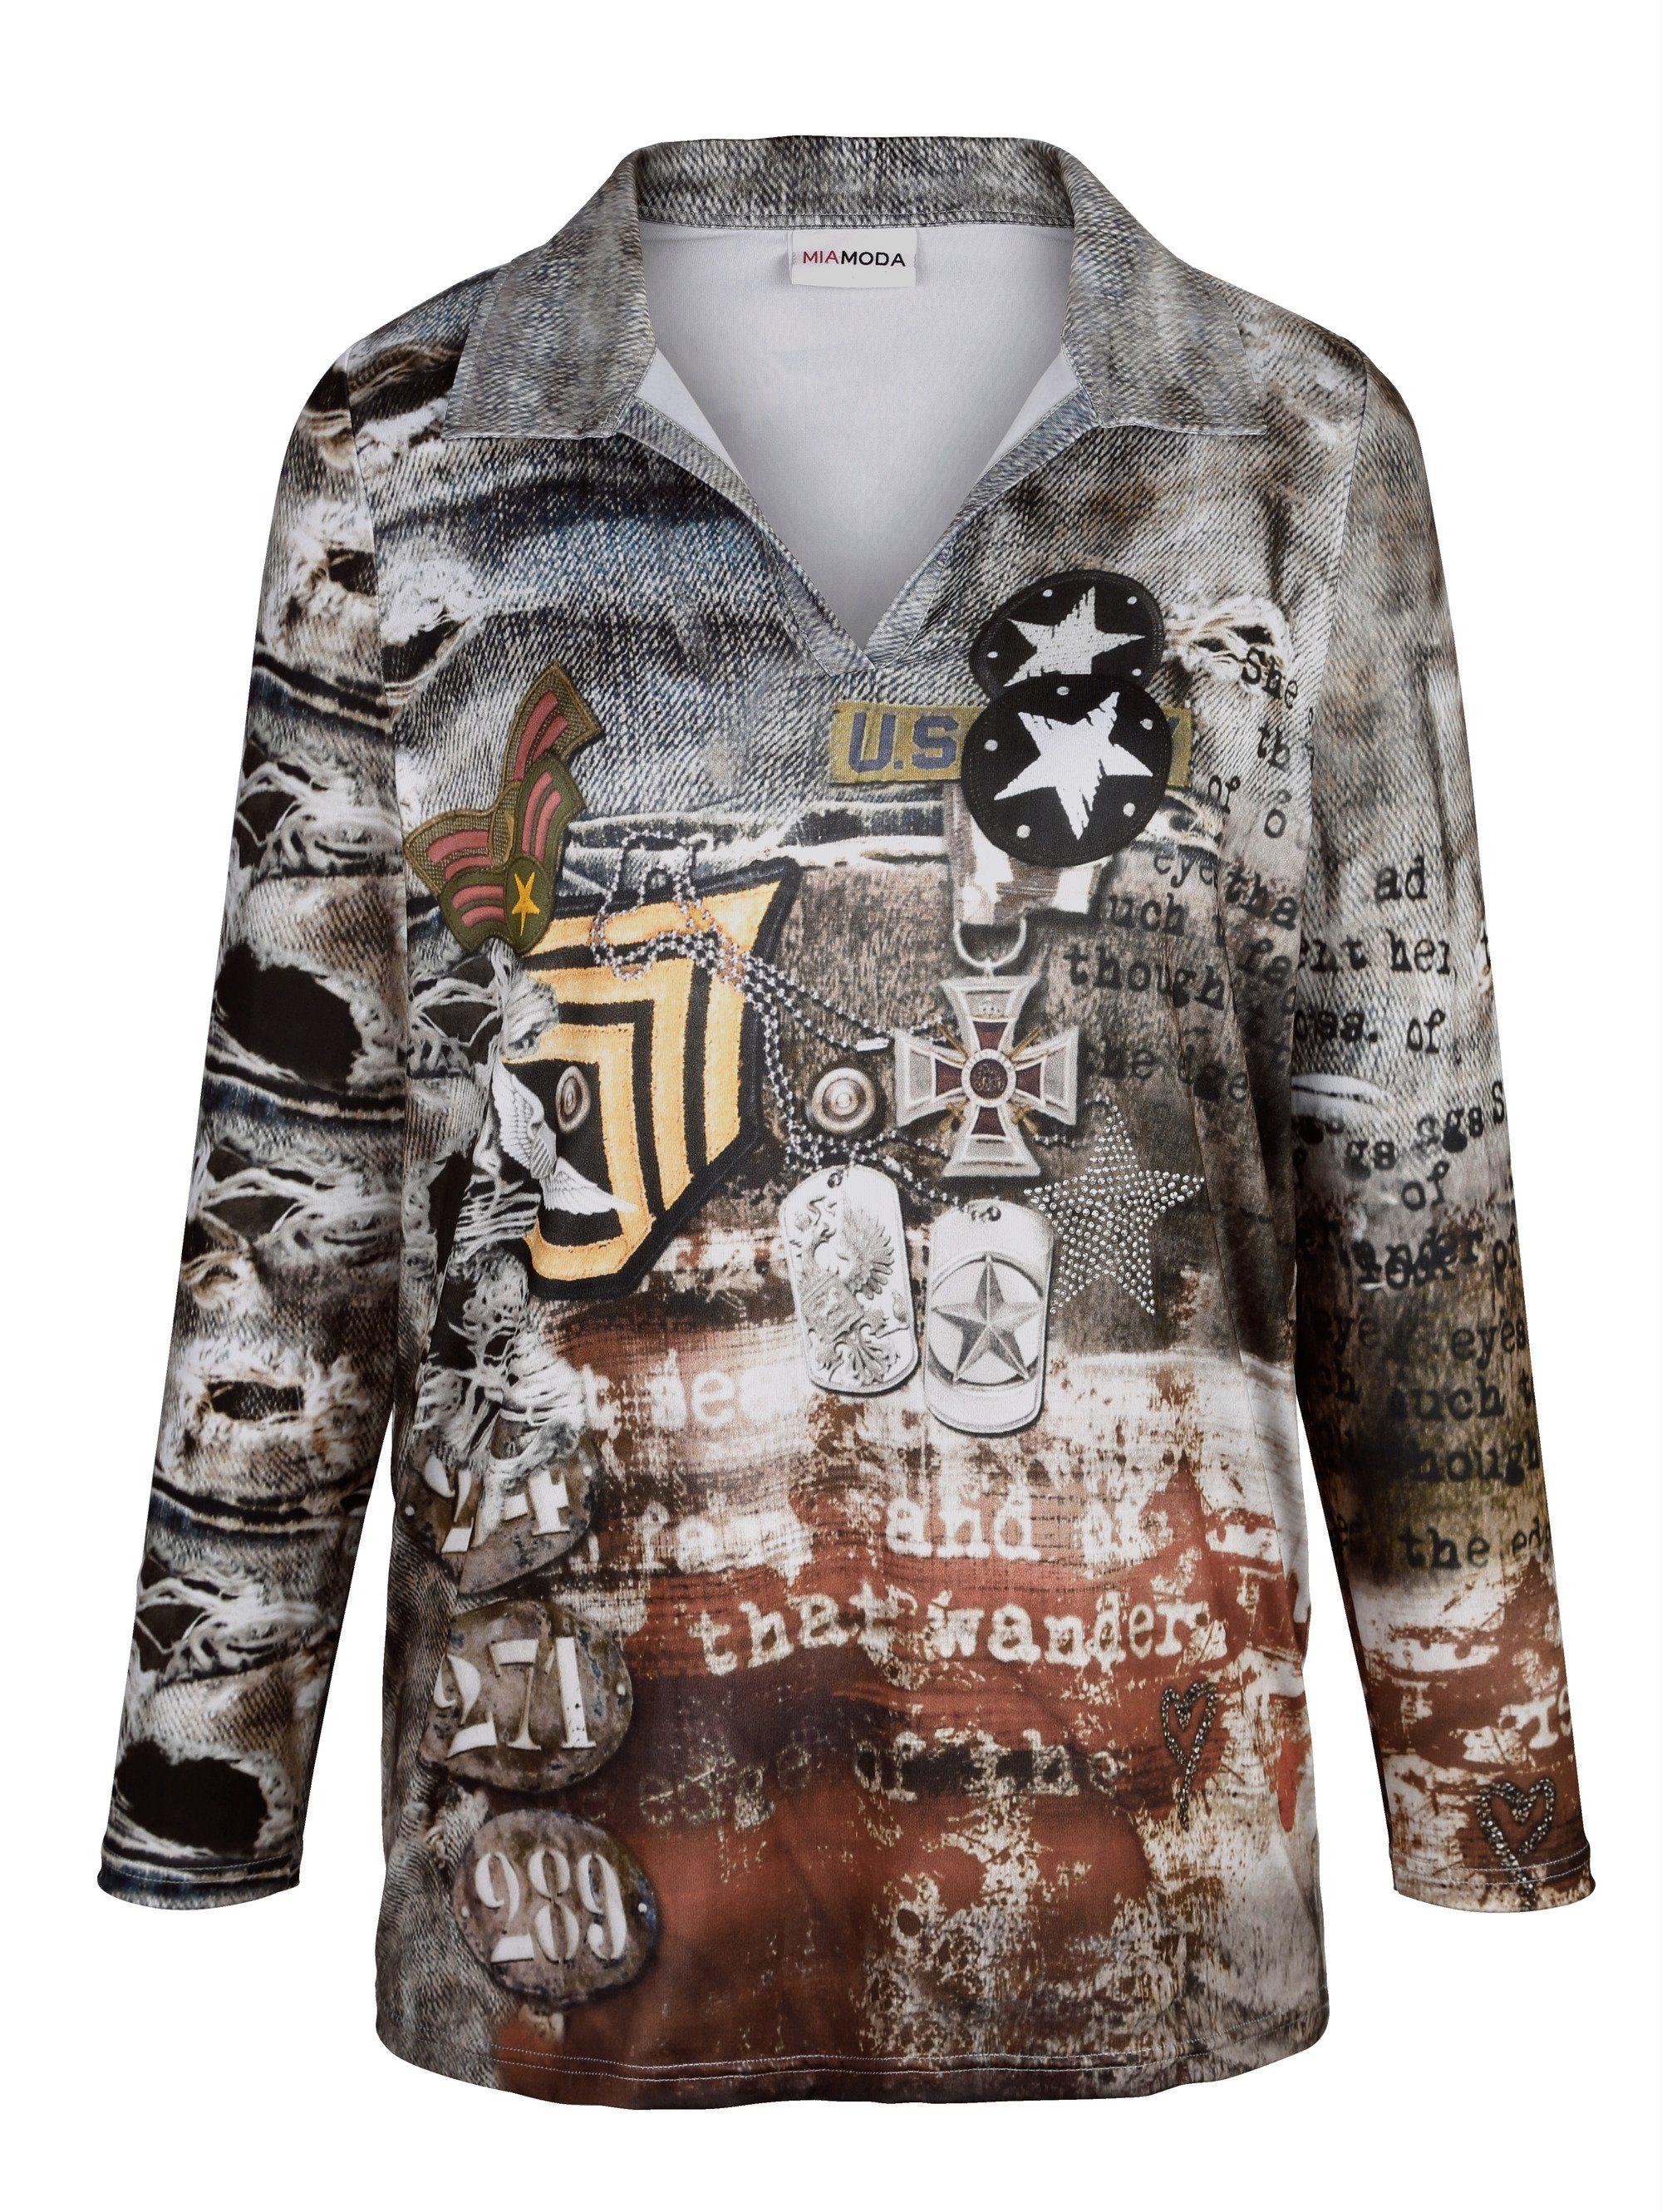 MIAMODA Shirt mit Military-Druck